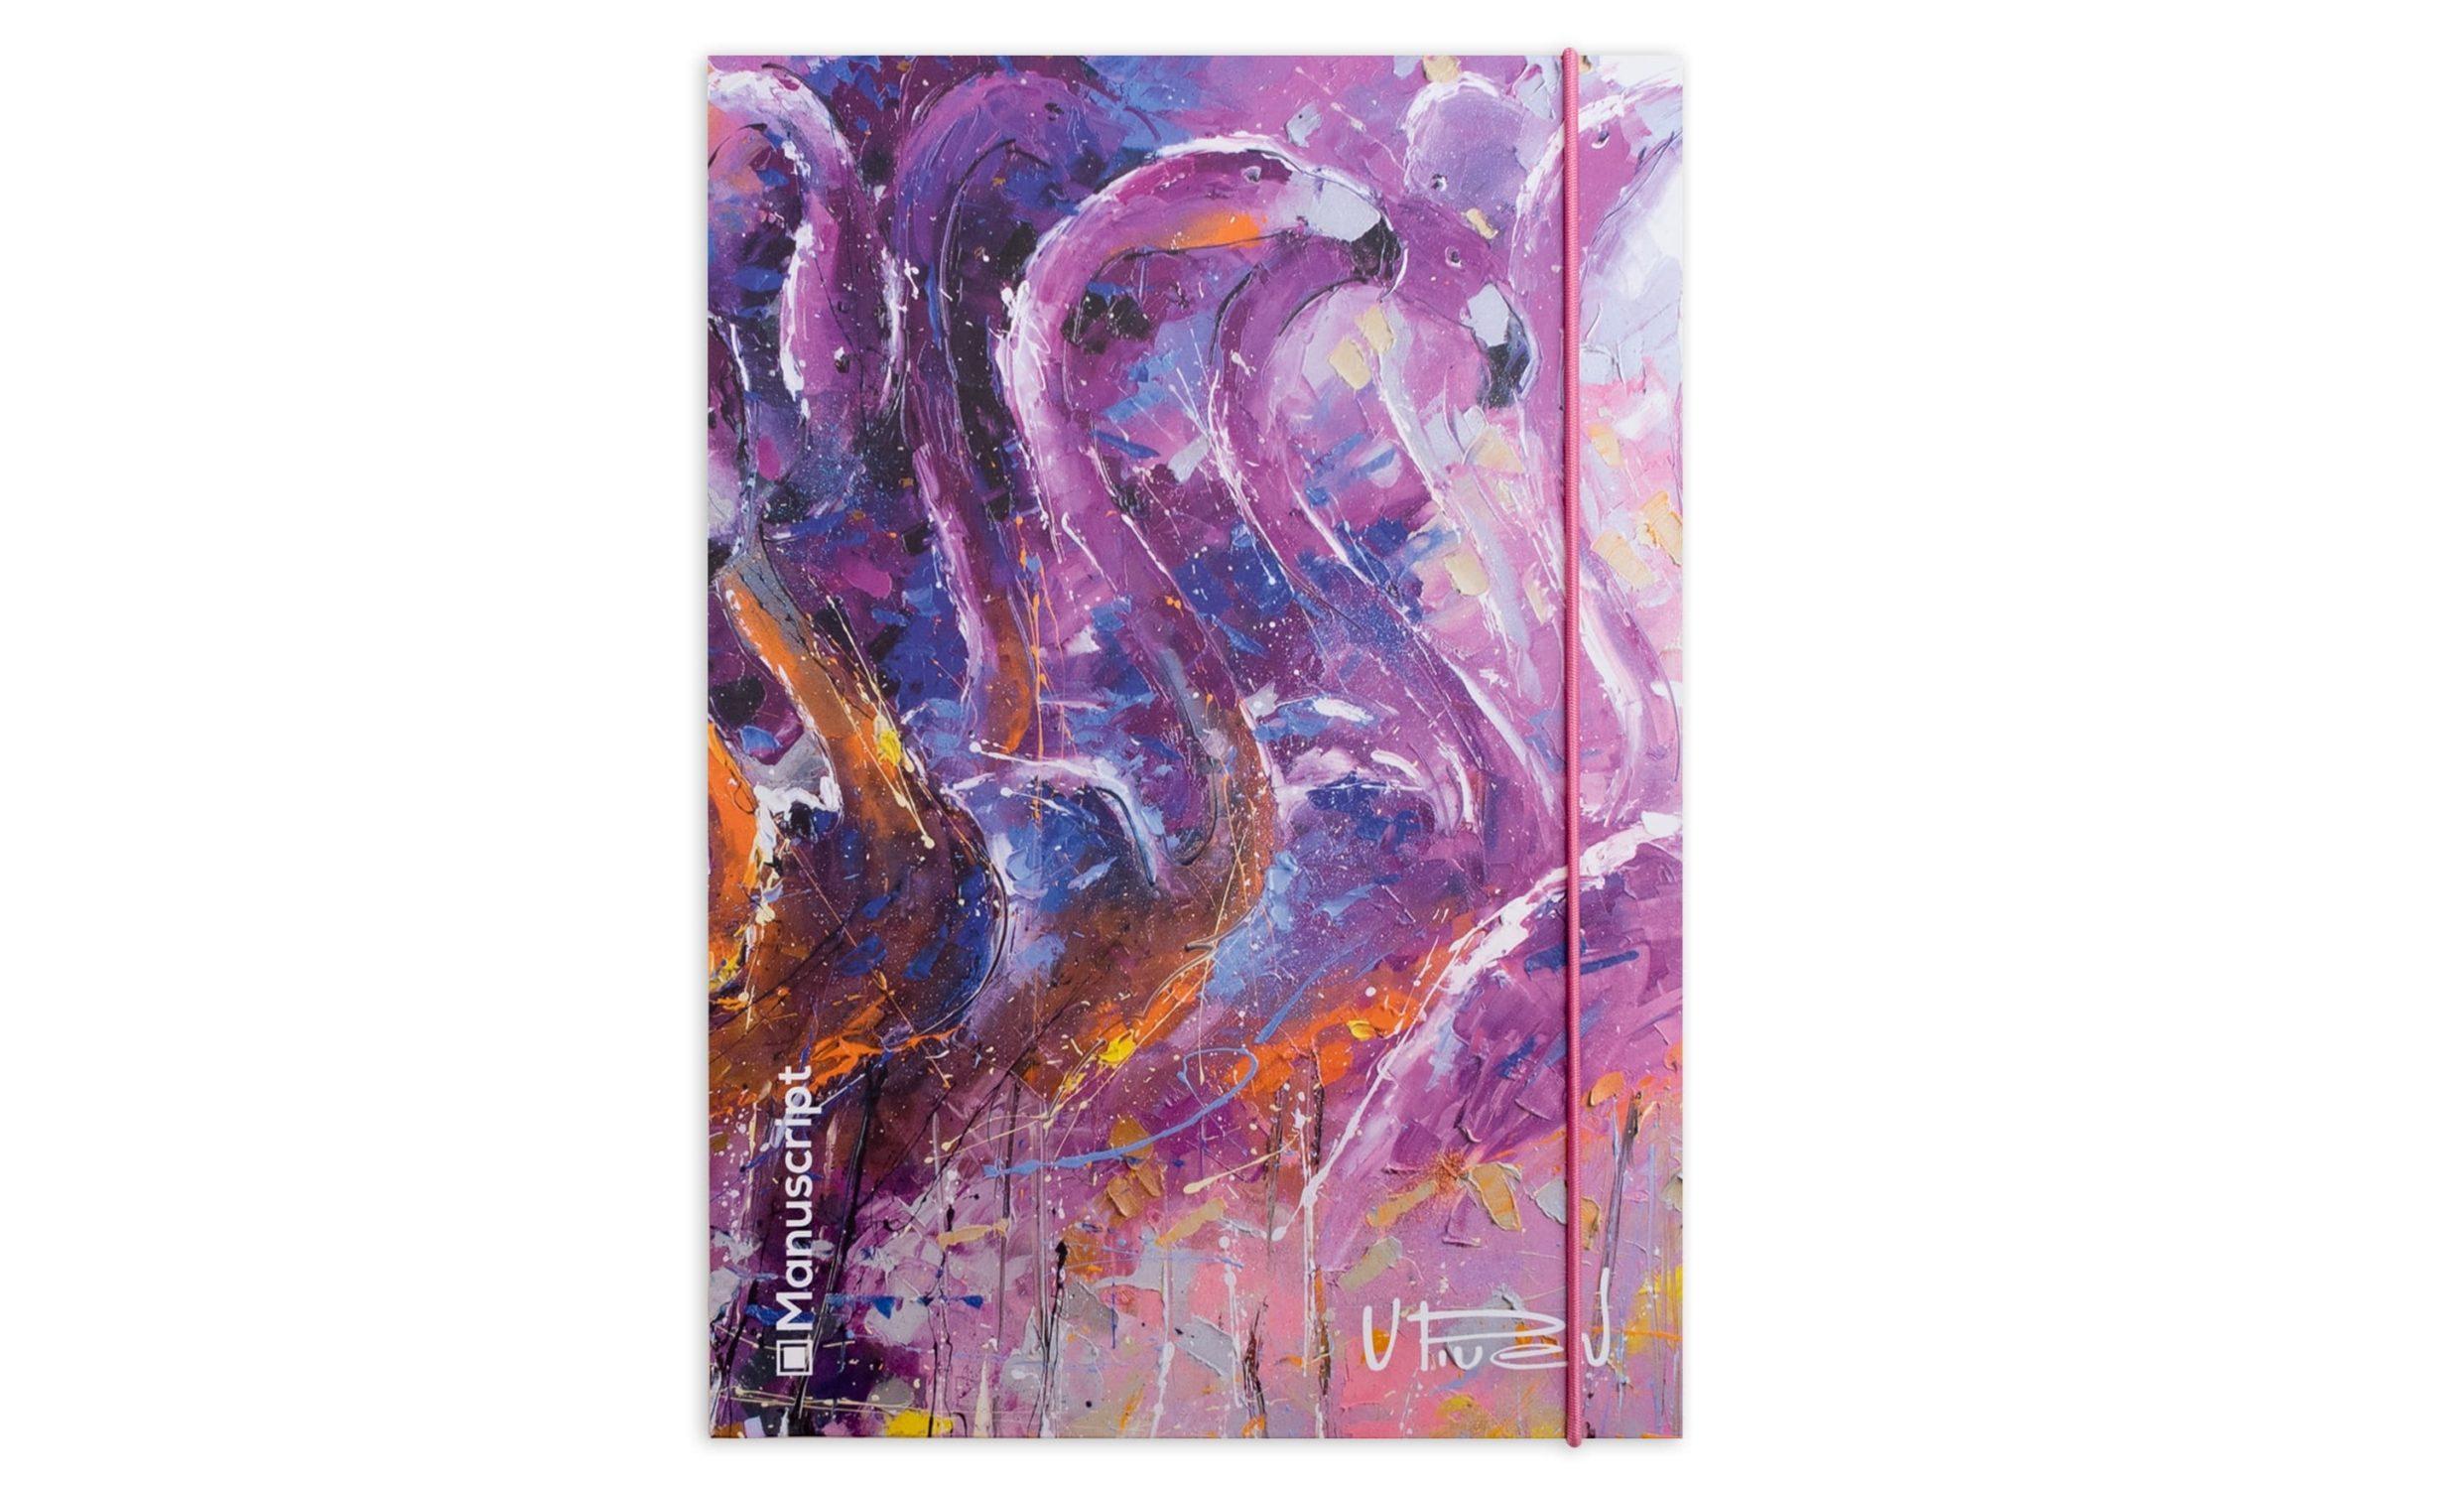 На обложке изображена картина «Гармония» украинского художника Владимира Пивня